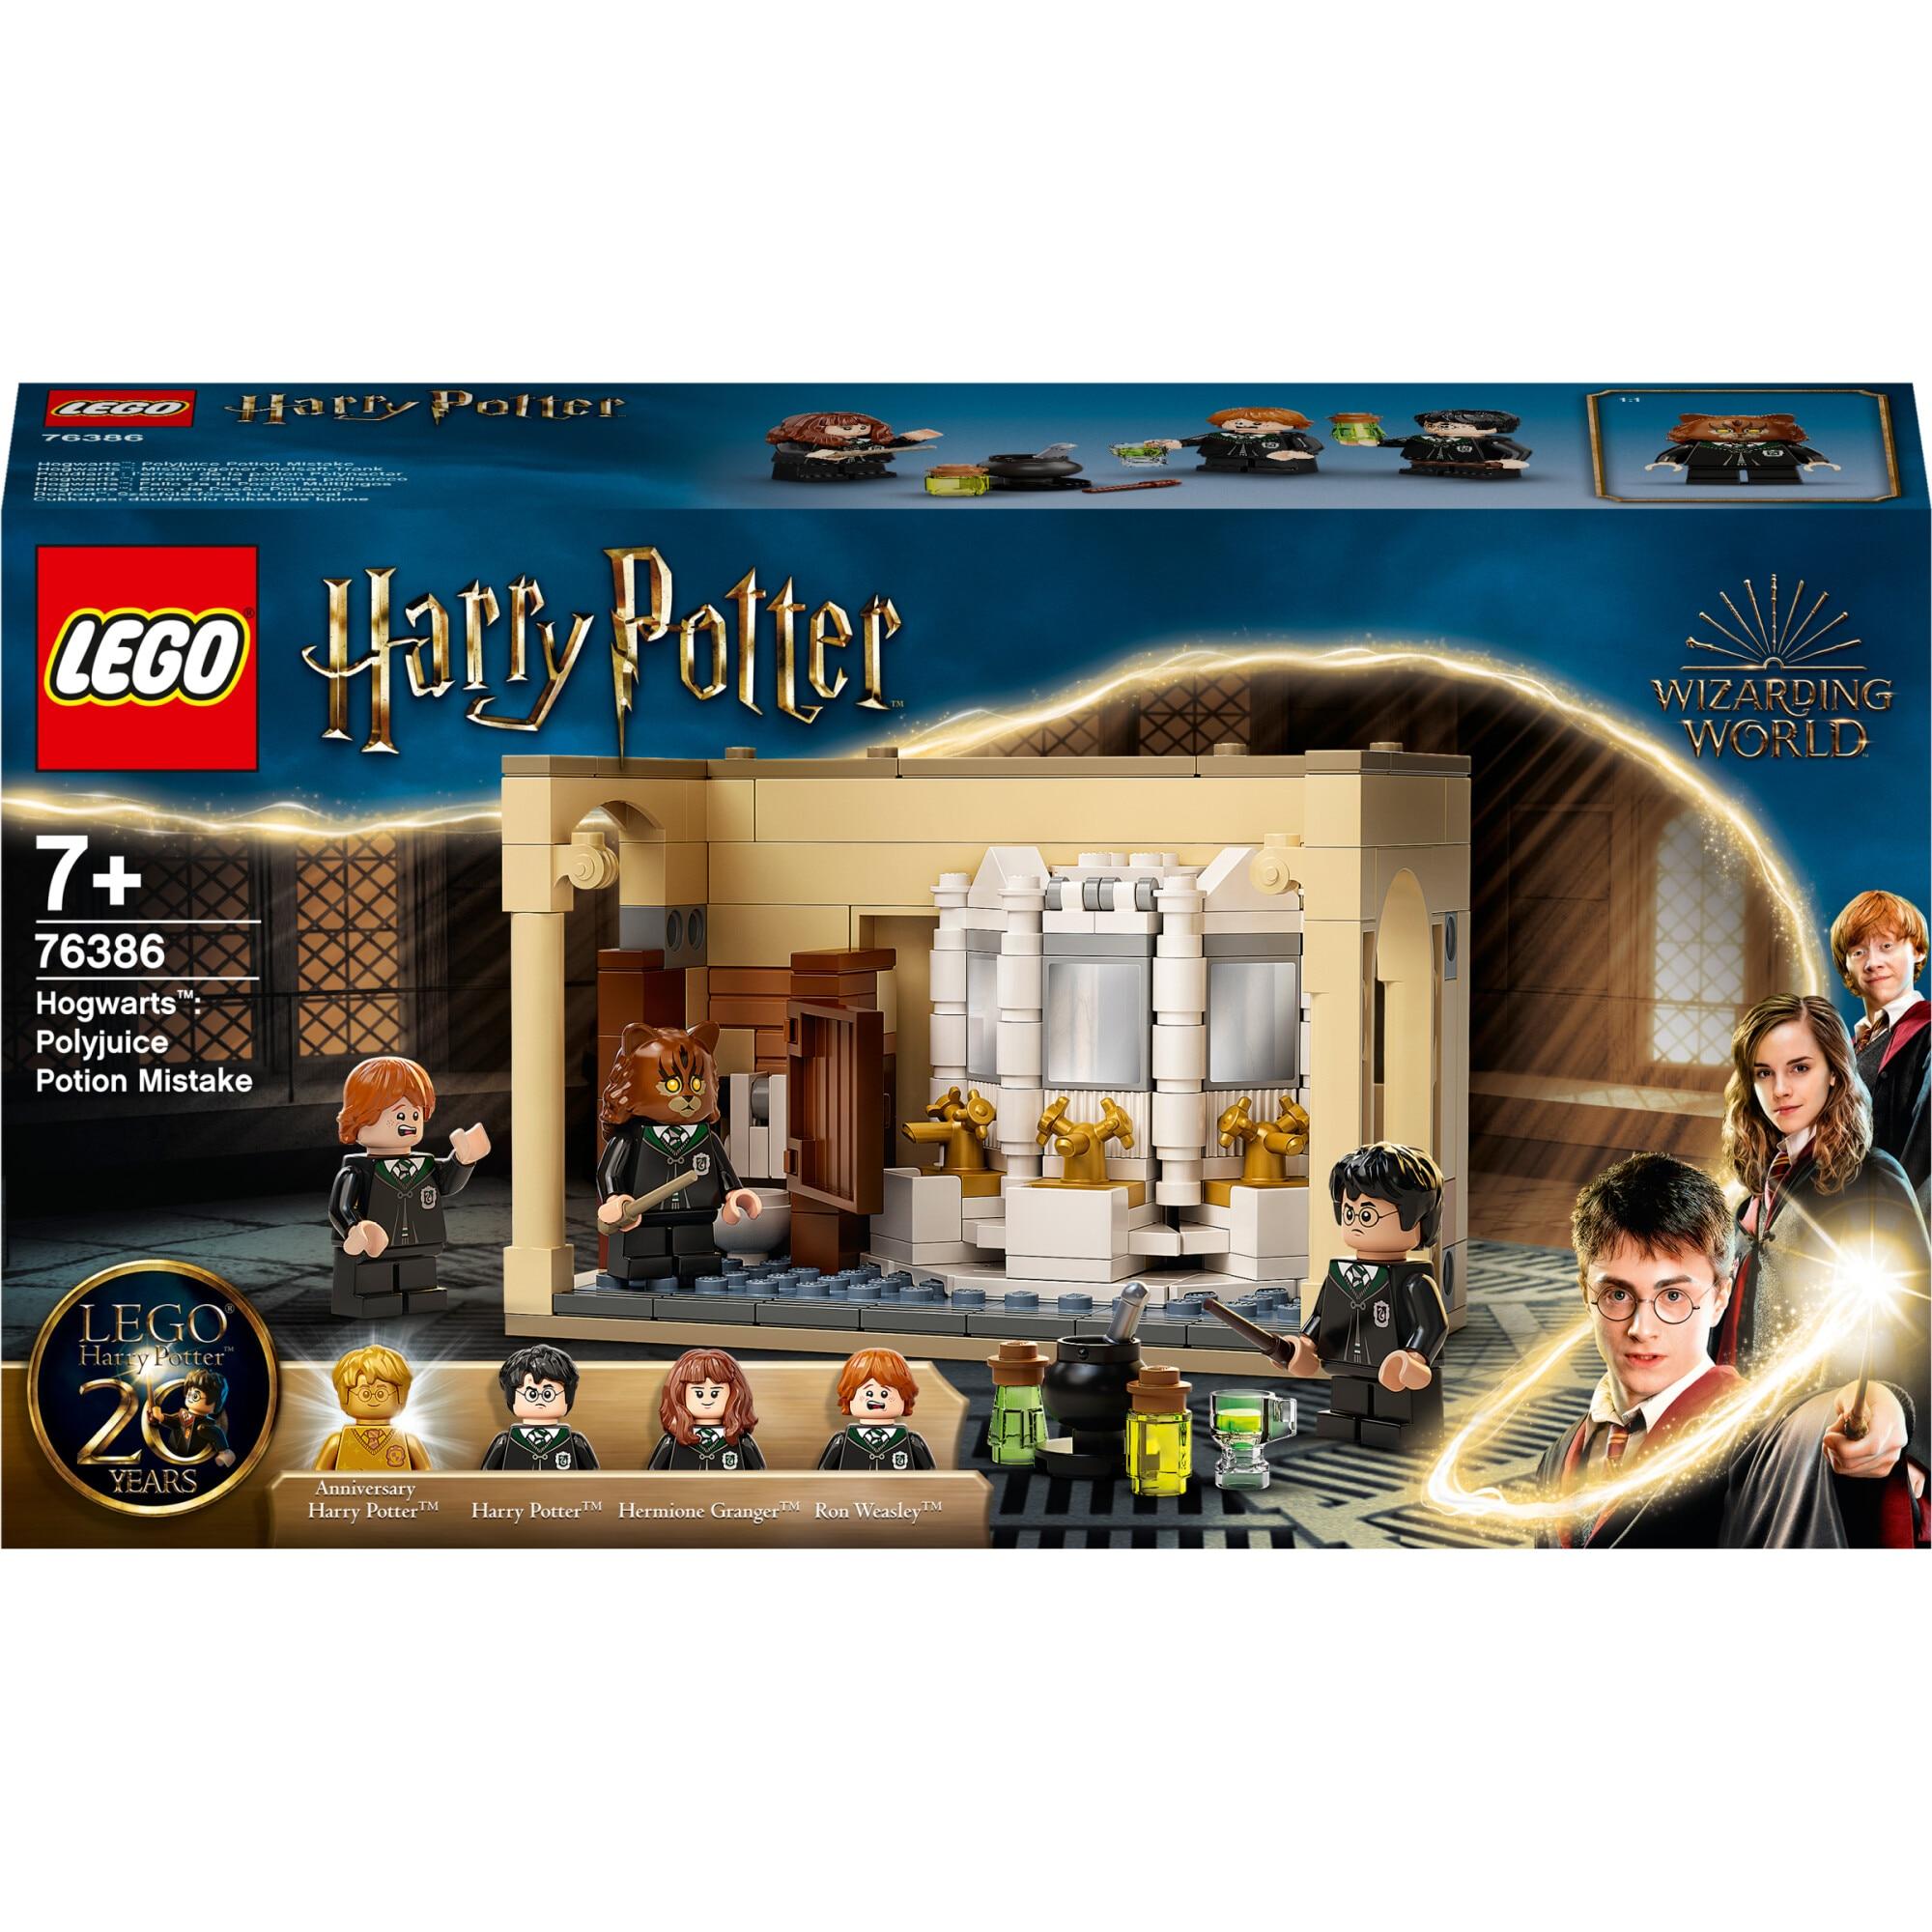 Fotografie LEGO Harry Potter - Hogwarts: Greseala cu Polipotiunea 76386, 217 piese